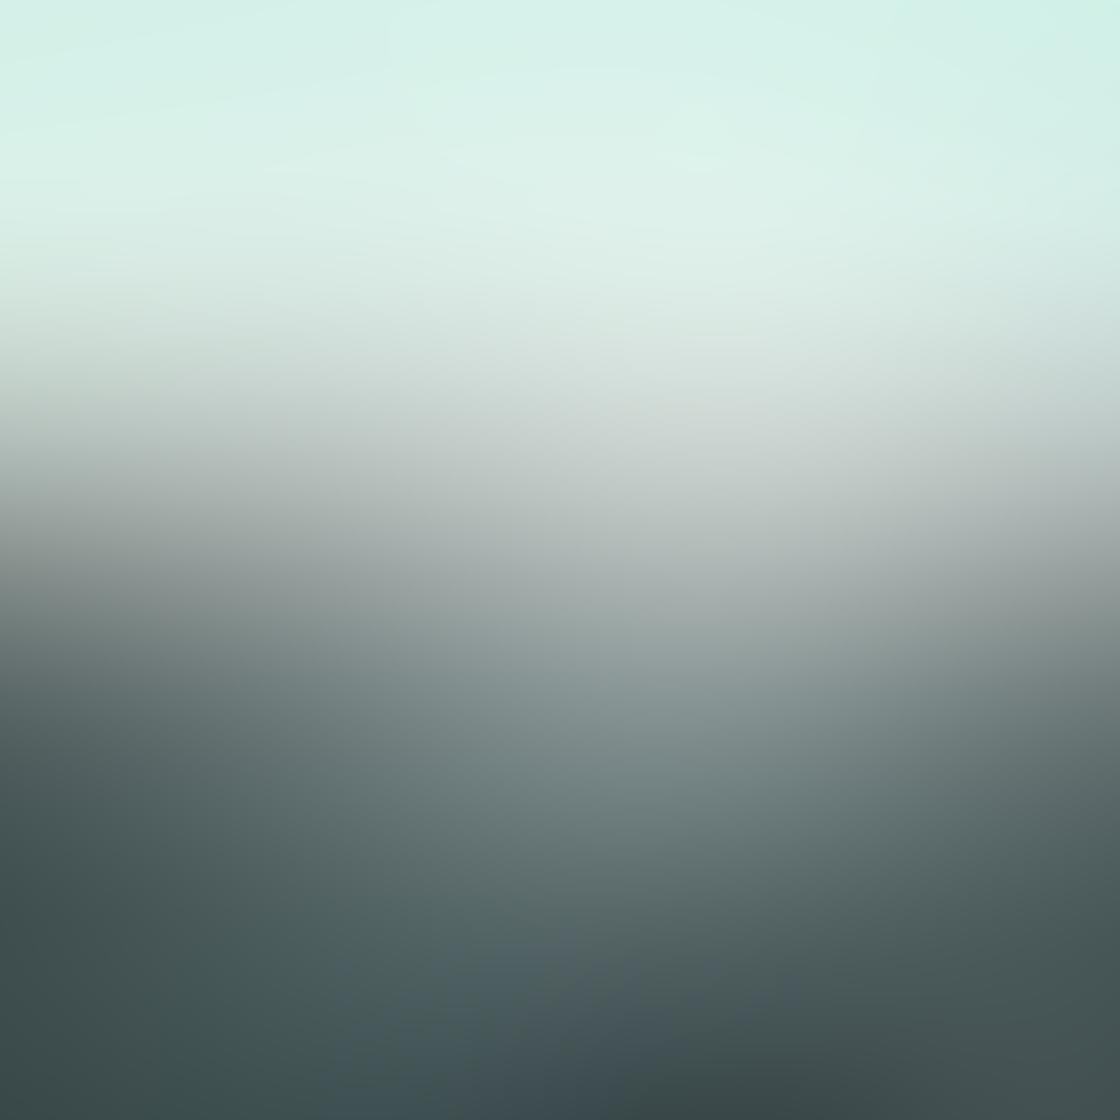 iPhone Empty Space Photo 11